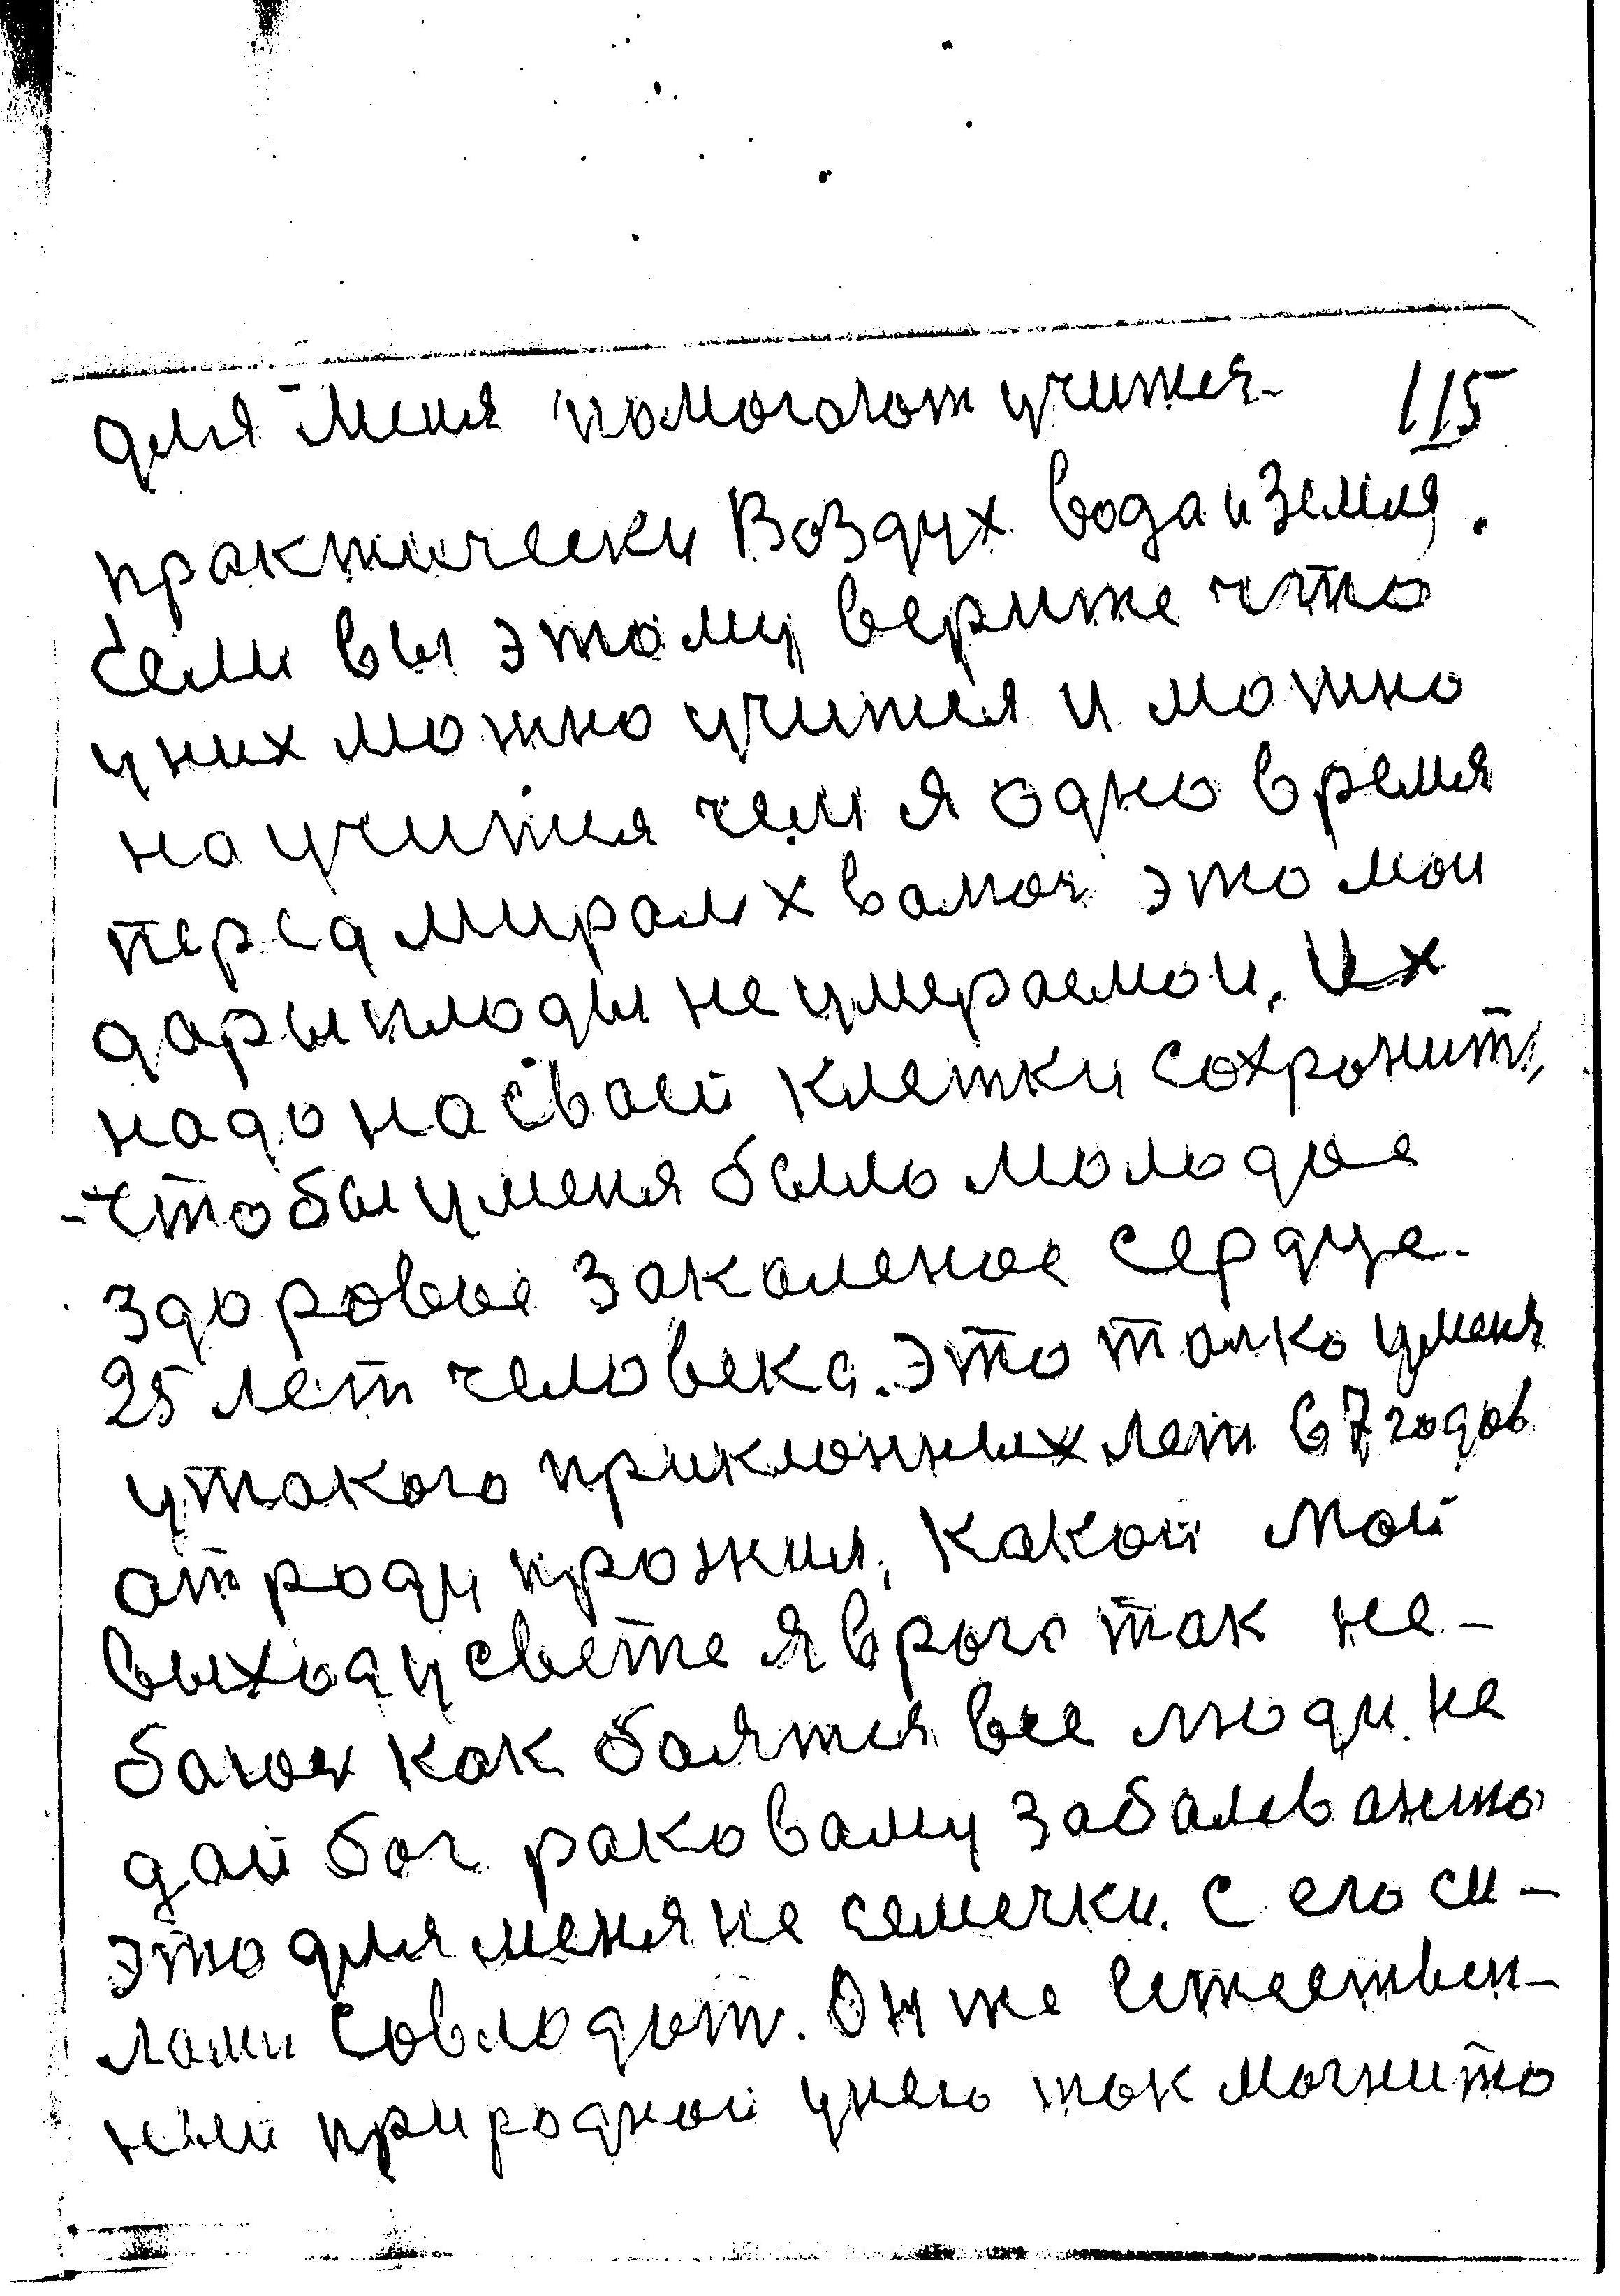 79-115.jpg